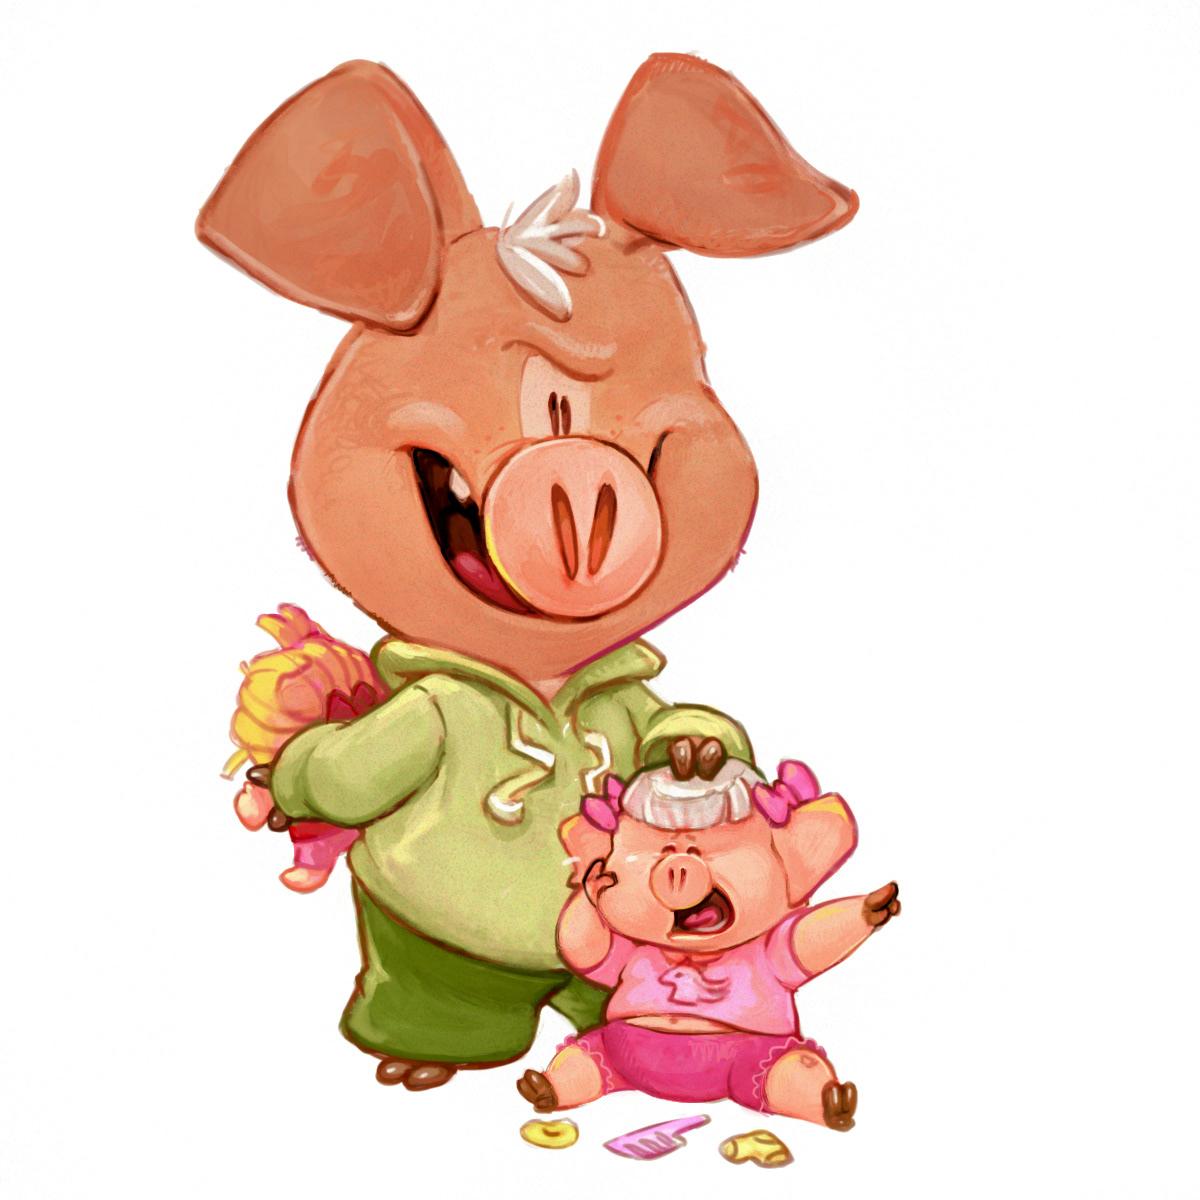 pig siblings digital art 2D sketch Drawing  Cry baby toy